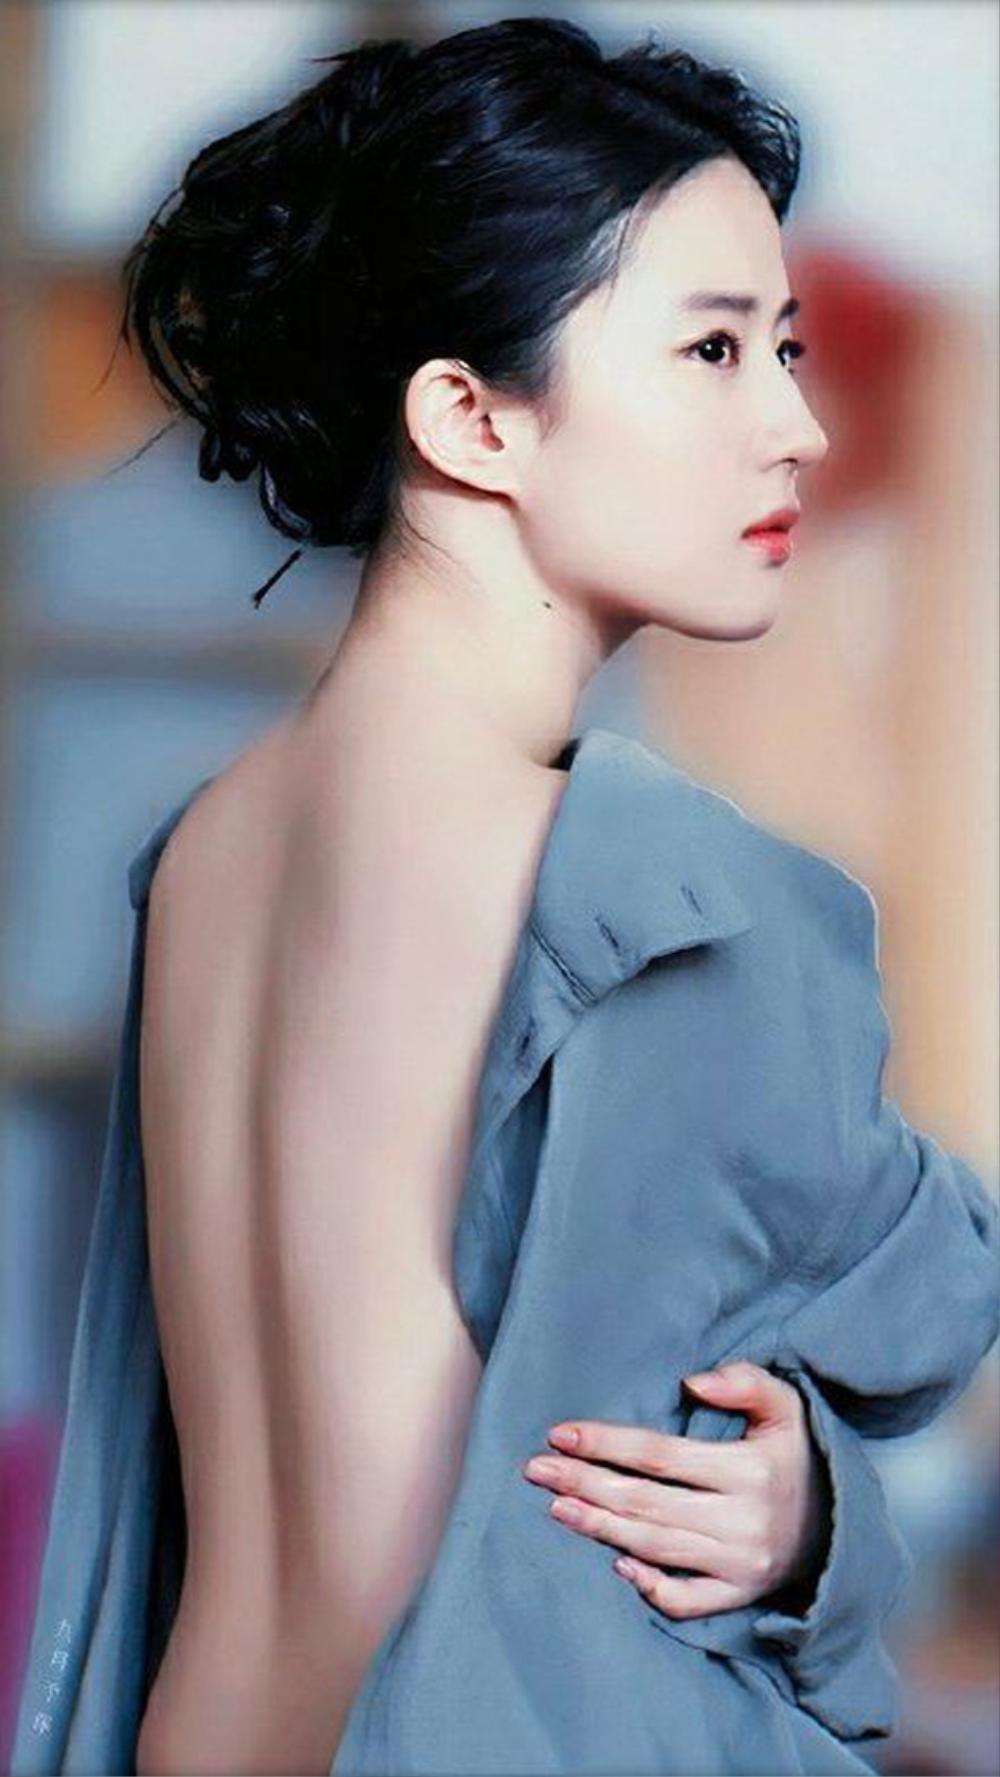 Fan 'hốt hoảng' vì tấm lưng ngấn mỡ của Lưu Diệp Phi, ai cũng tiếc nuối vóc dáng một thời Ảnh 6